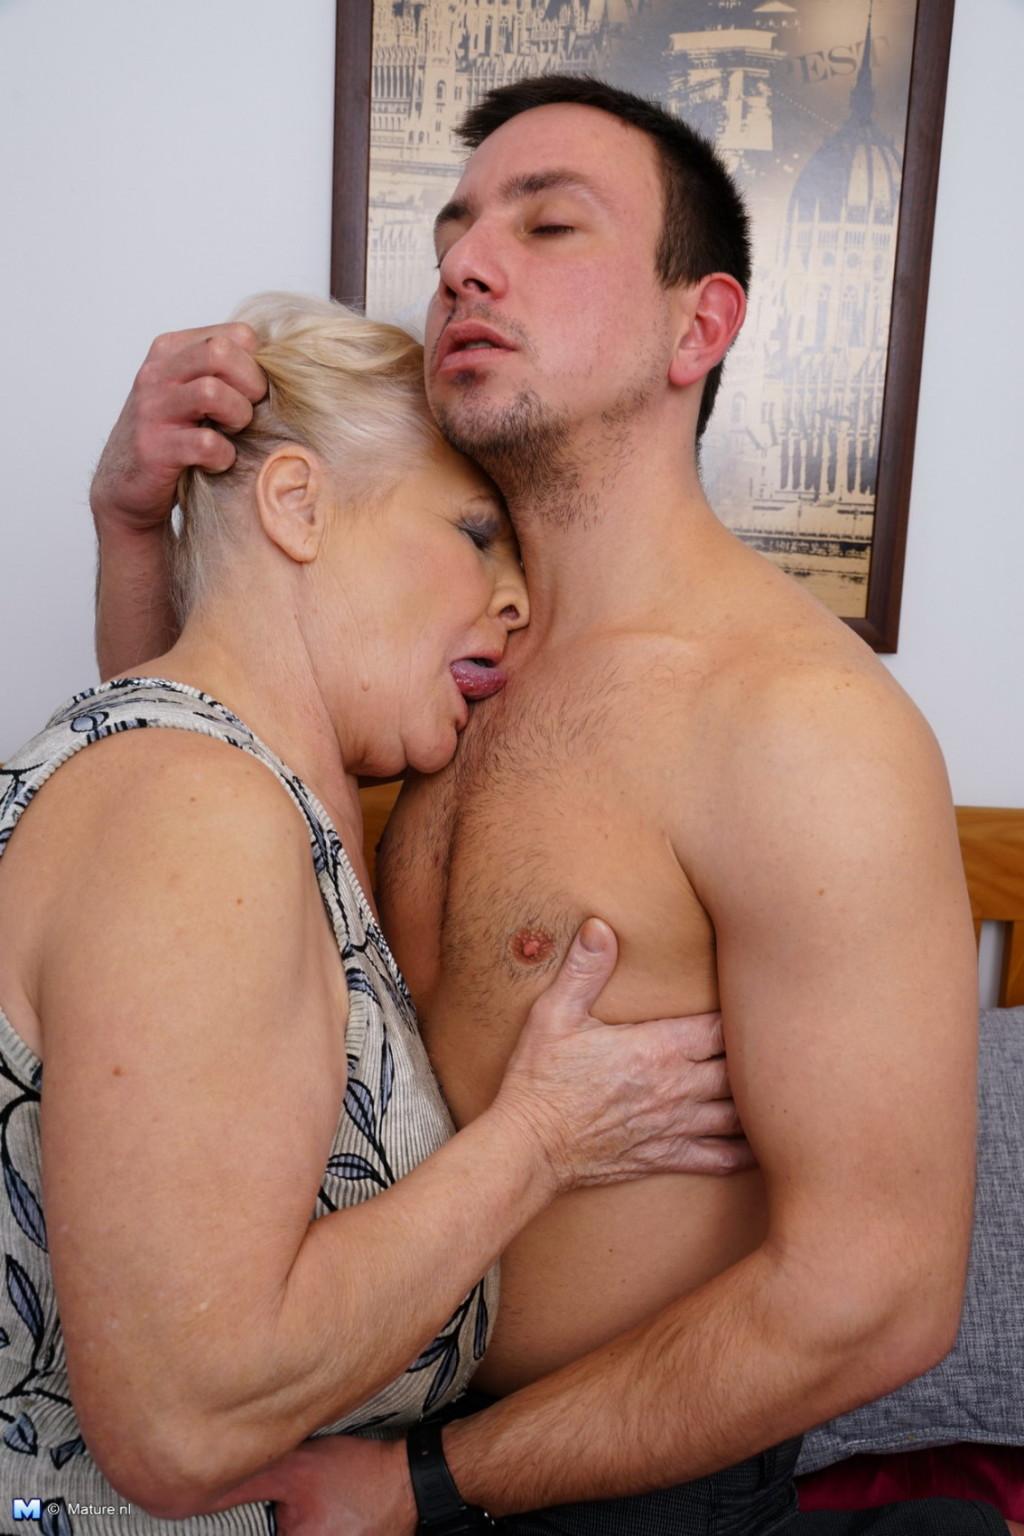 Пожилые - Порно галерея № 3540317